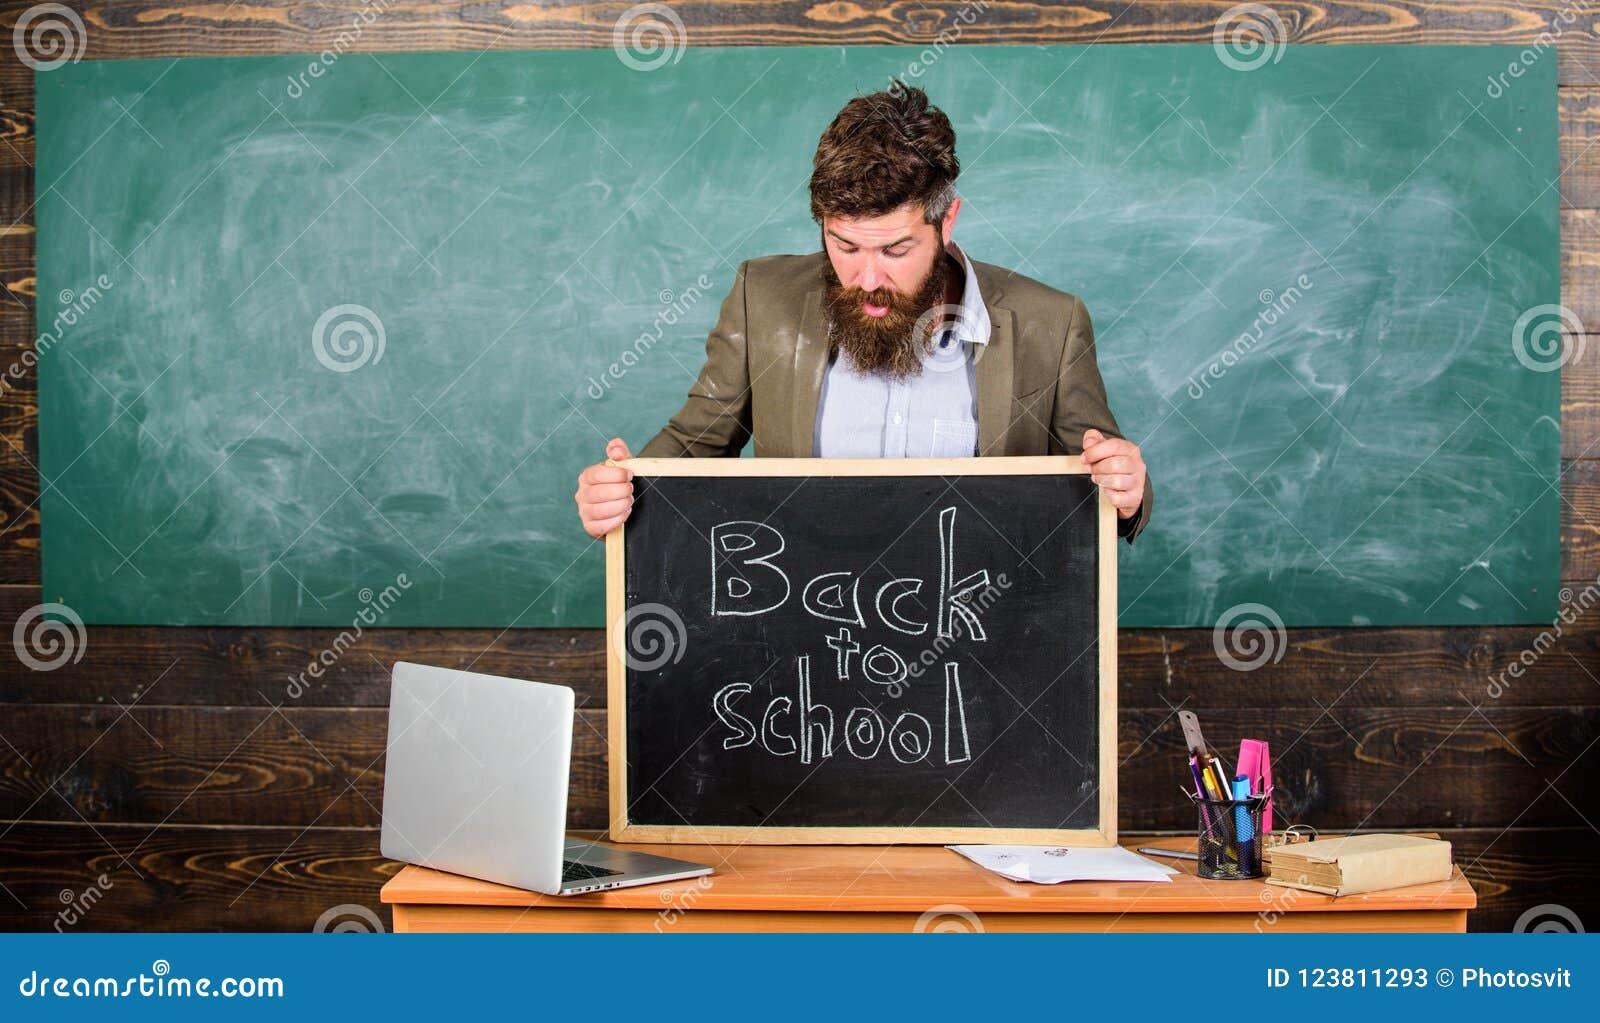 Μαθητές διδασκαλίας το επαγγελματικό επάγγελμά του Ο δάσκαλος ή ο διευθυντής σχολείου χαιρετίζει την επιγραφή πίσω στο σχολείο δά